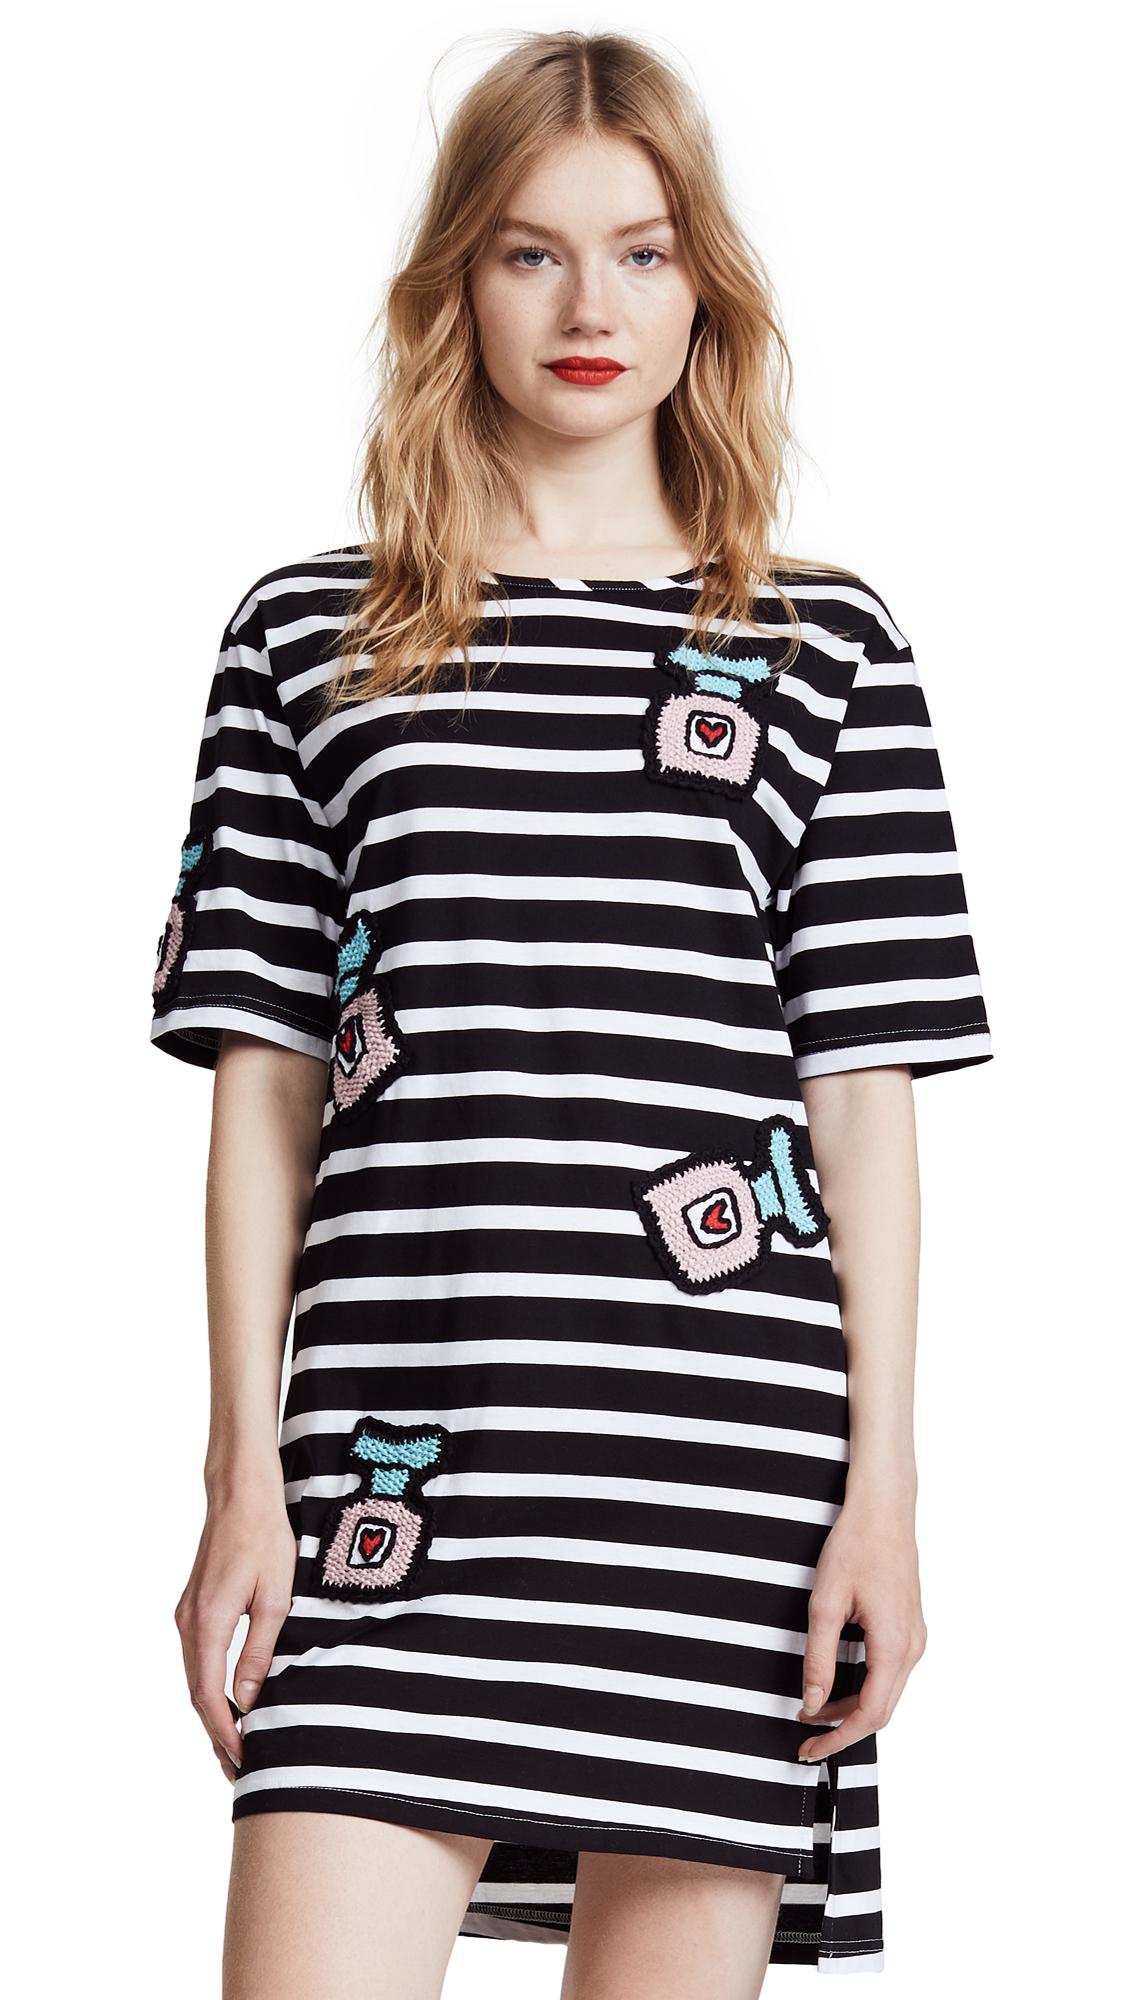 Michaela Buerger Oversize T-Shirt Dress - Black